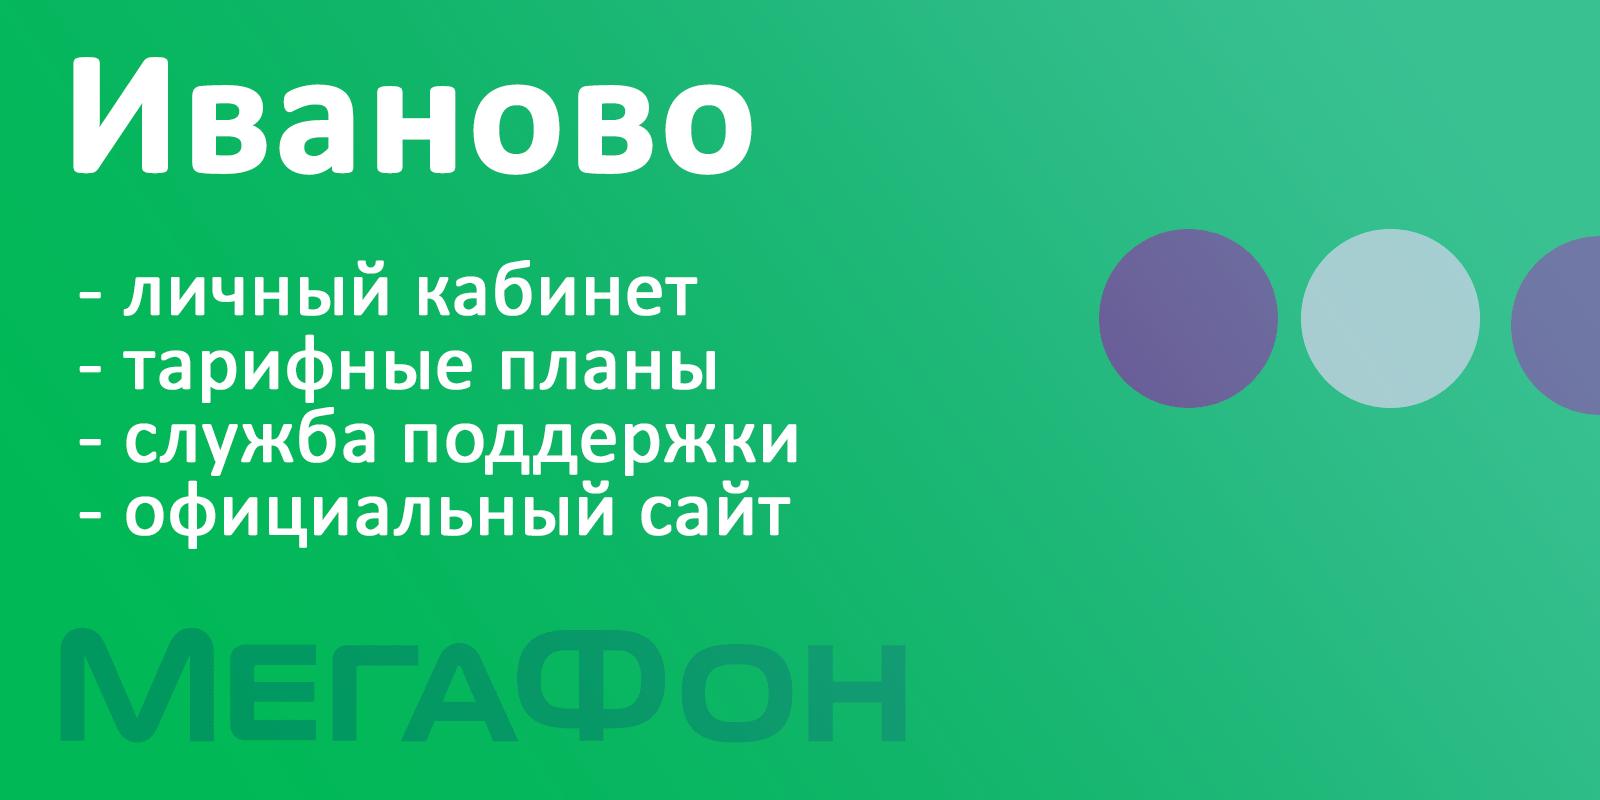 Мегафон в Иваново - тарифы, официальный сайт, личный кабинет